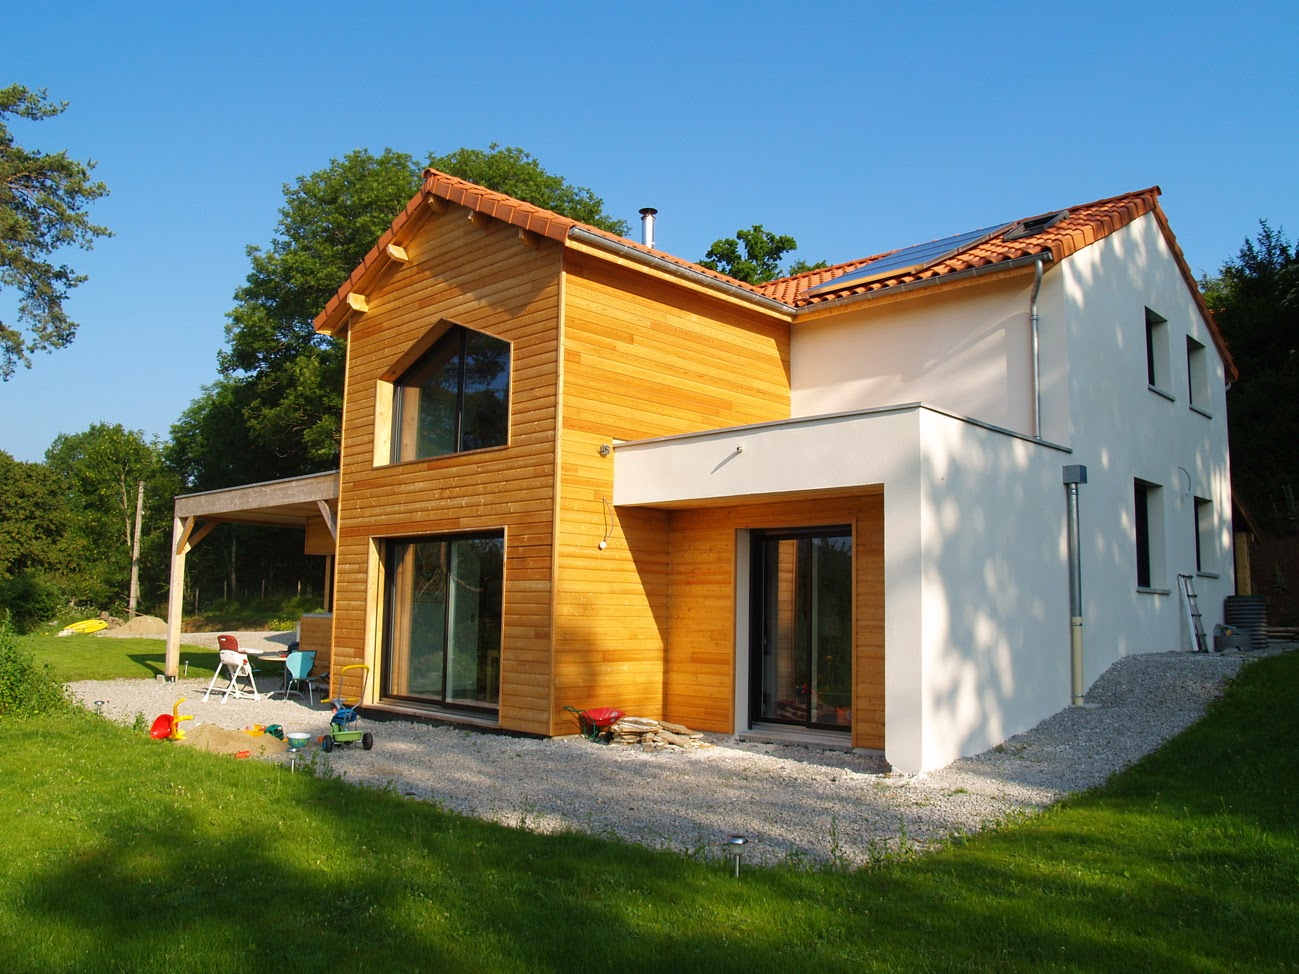 Constructeur maison ossature bois en auvergne ventana blog for Constructeur maison ecologique